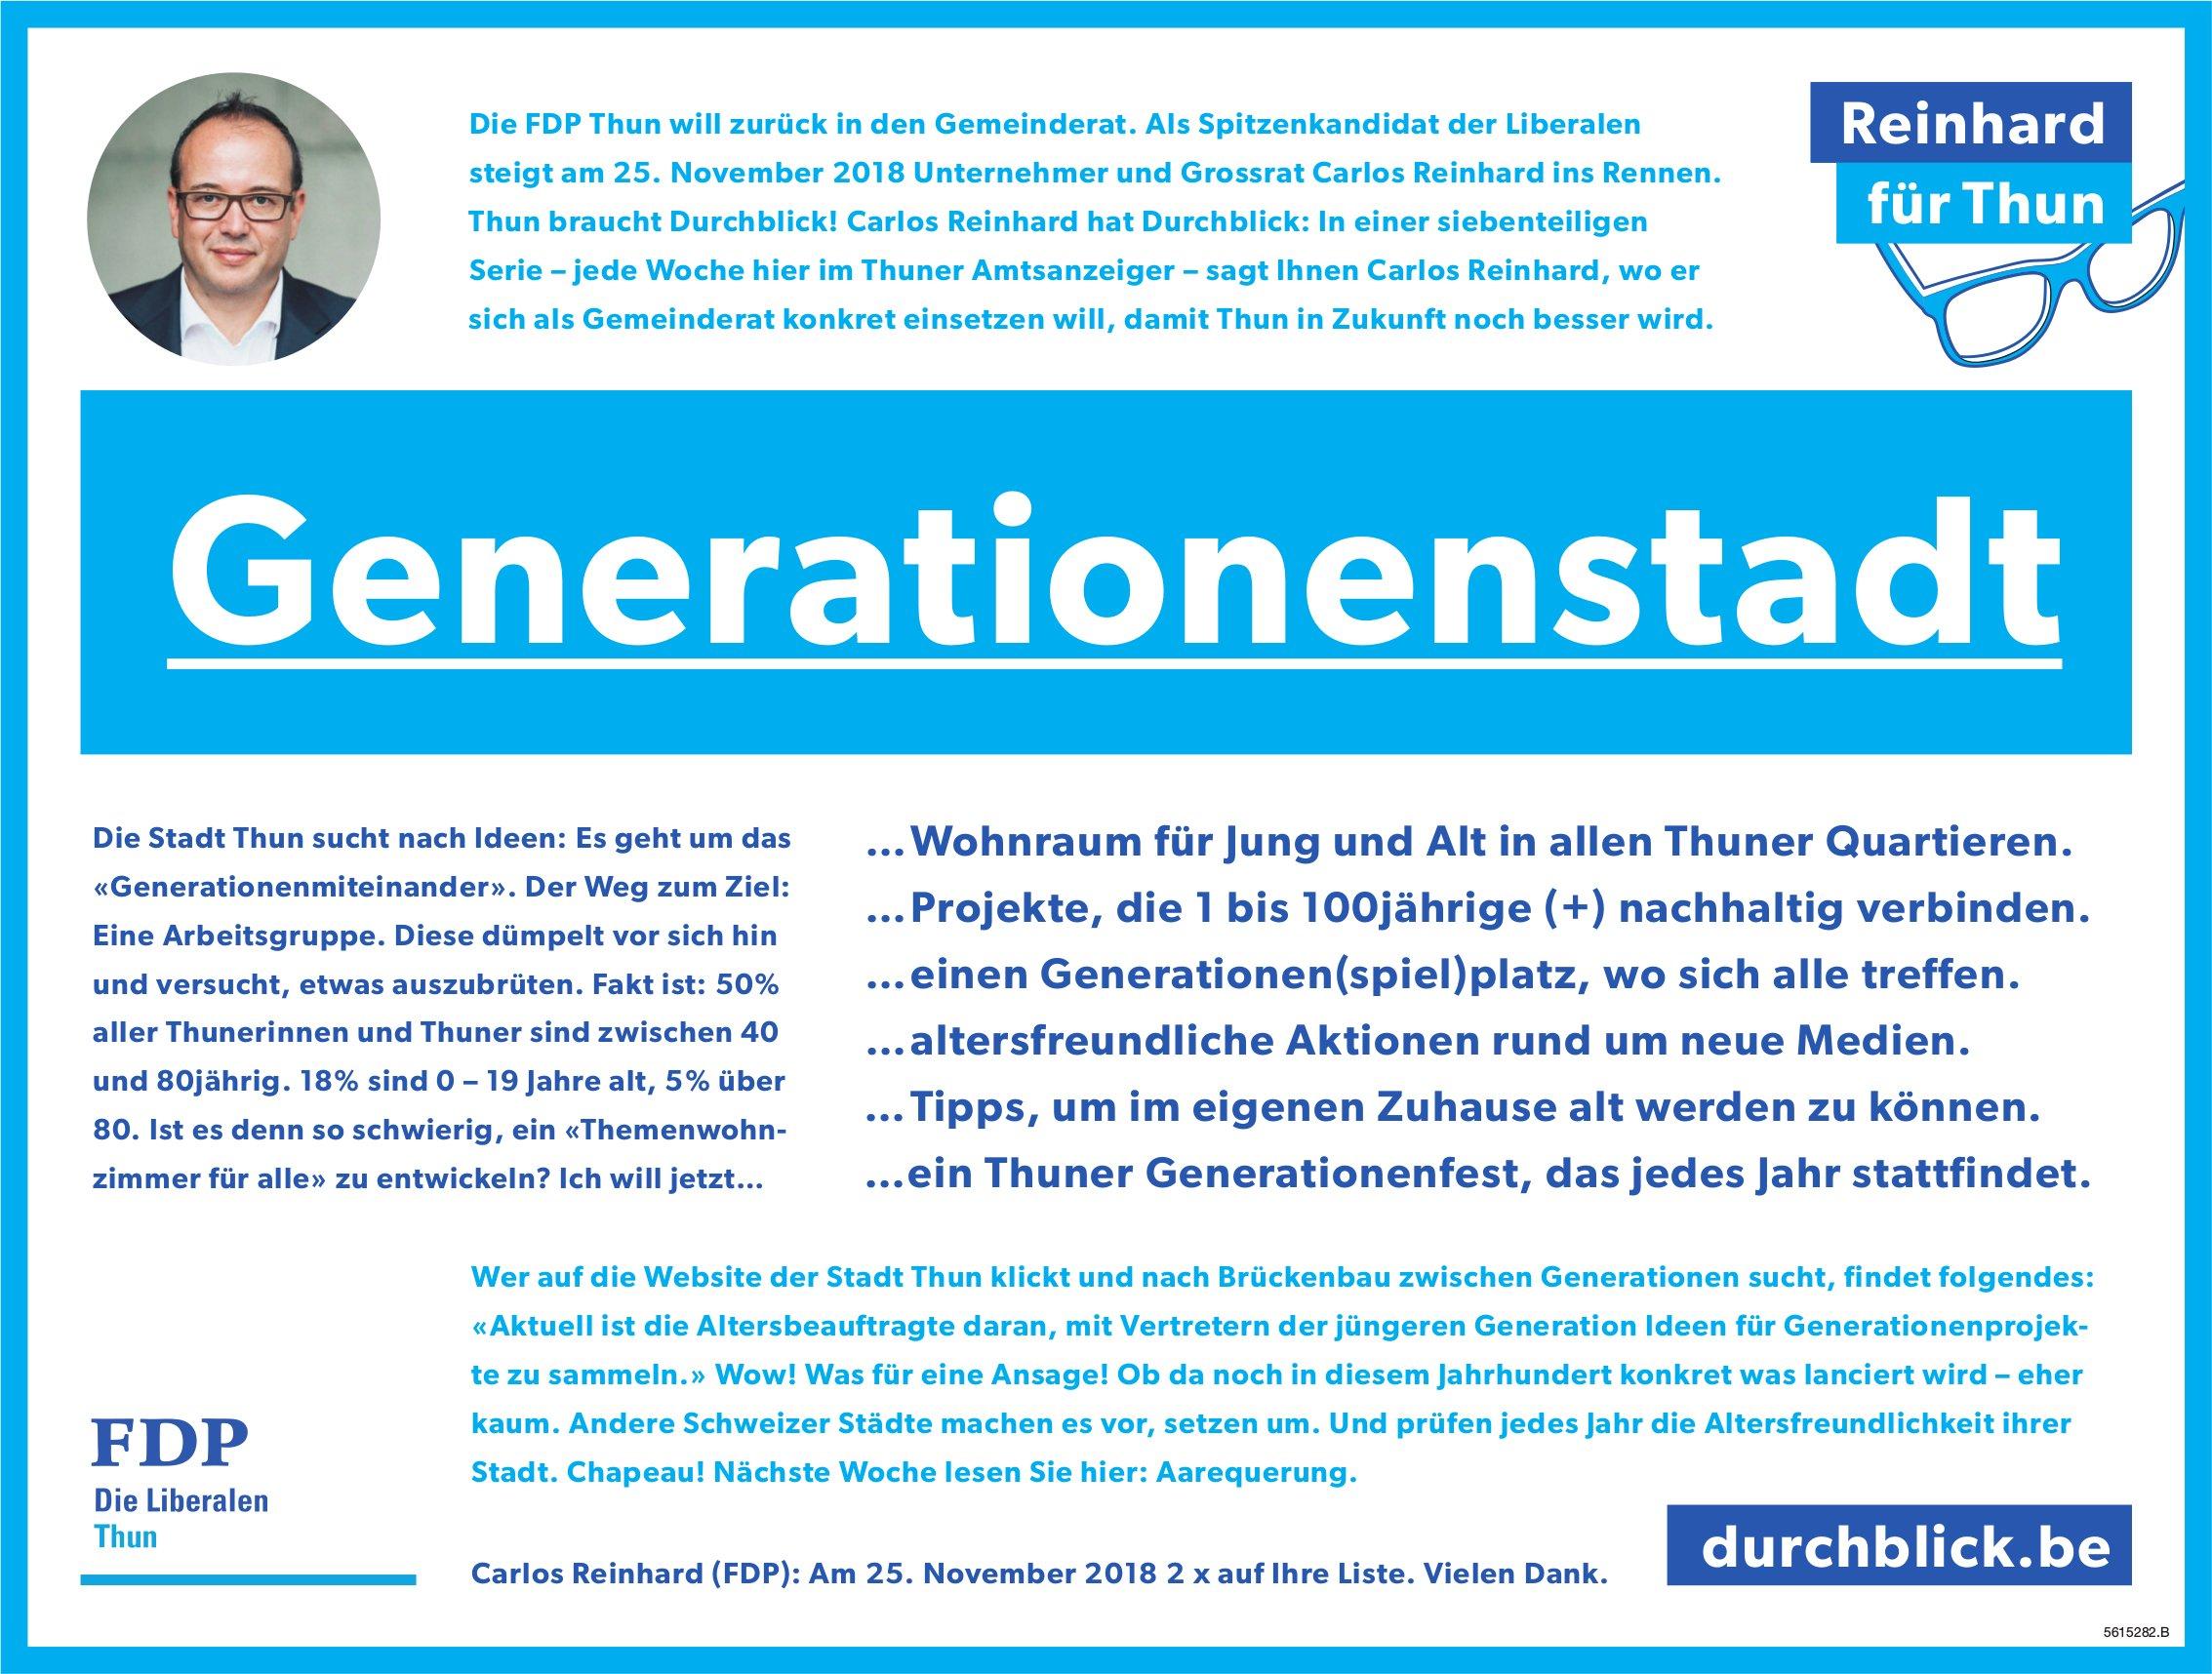 Generationenstadt, Reinhard für Thun